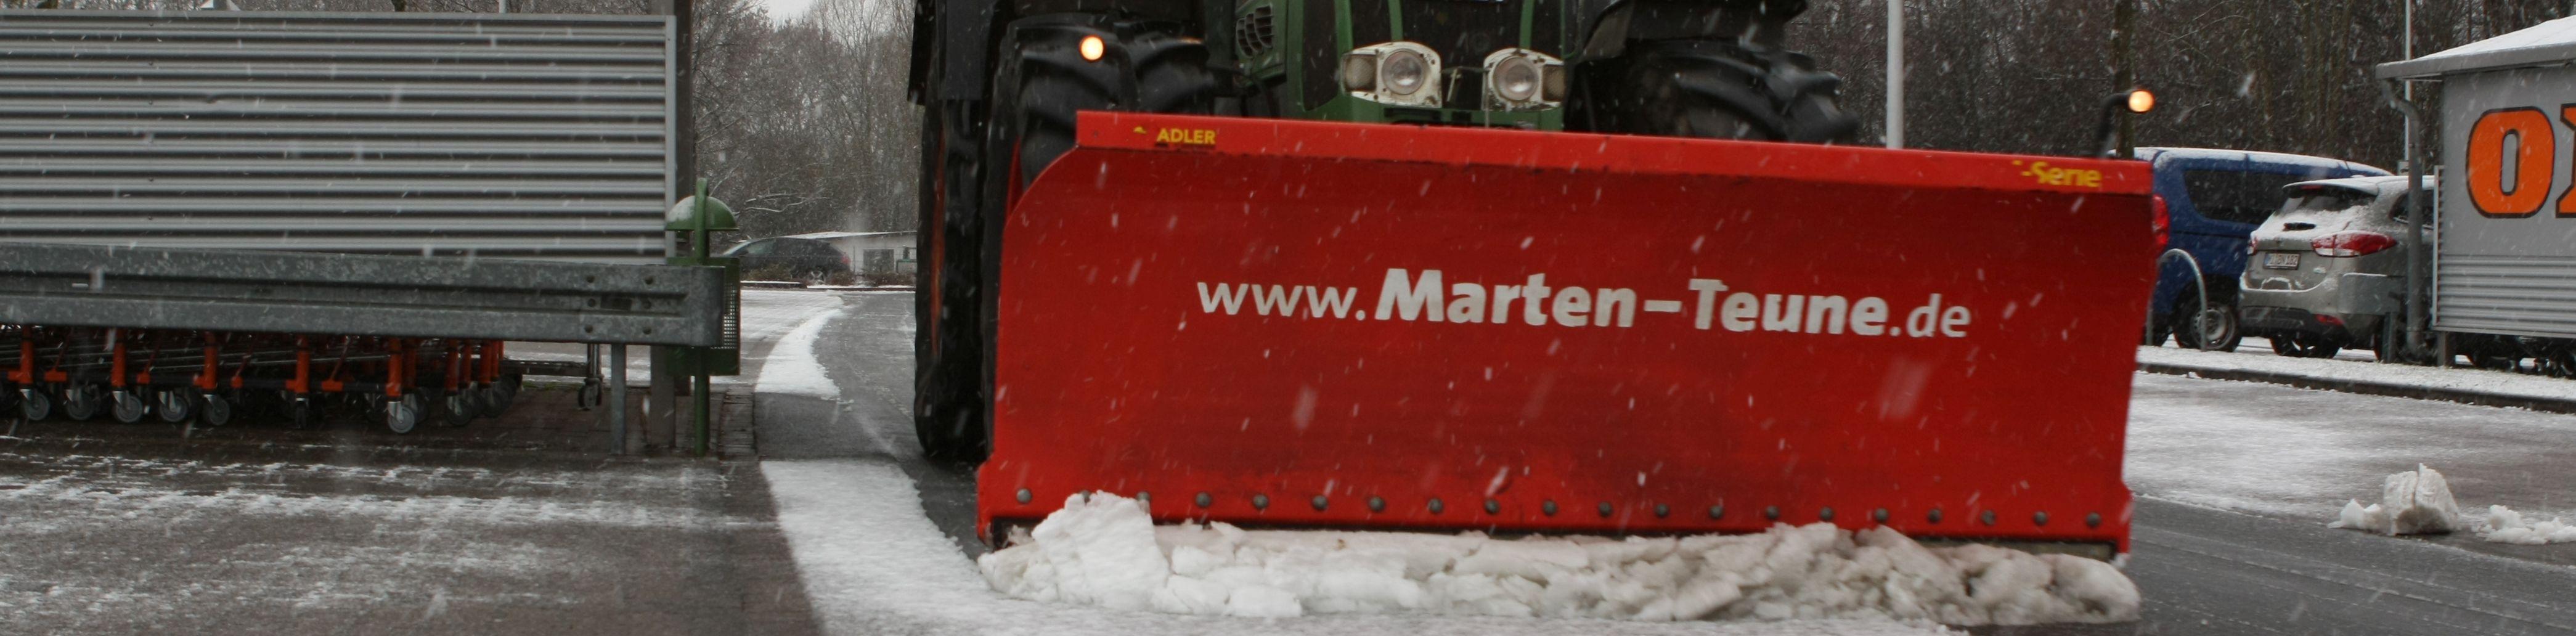 Winterdienst in Löhne und Bad Oeynhausen - Marten & Teune